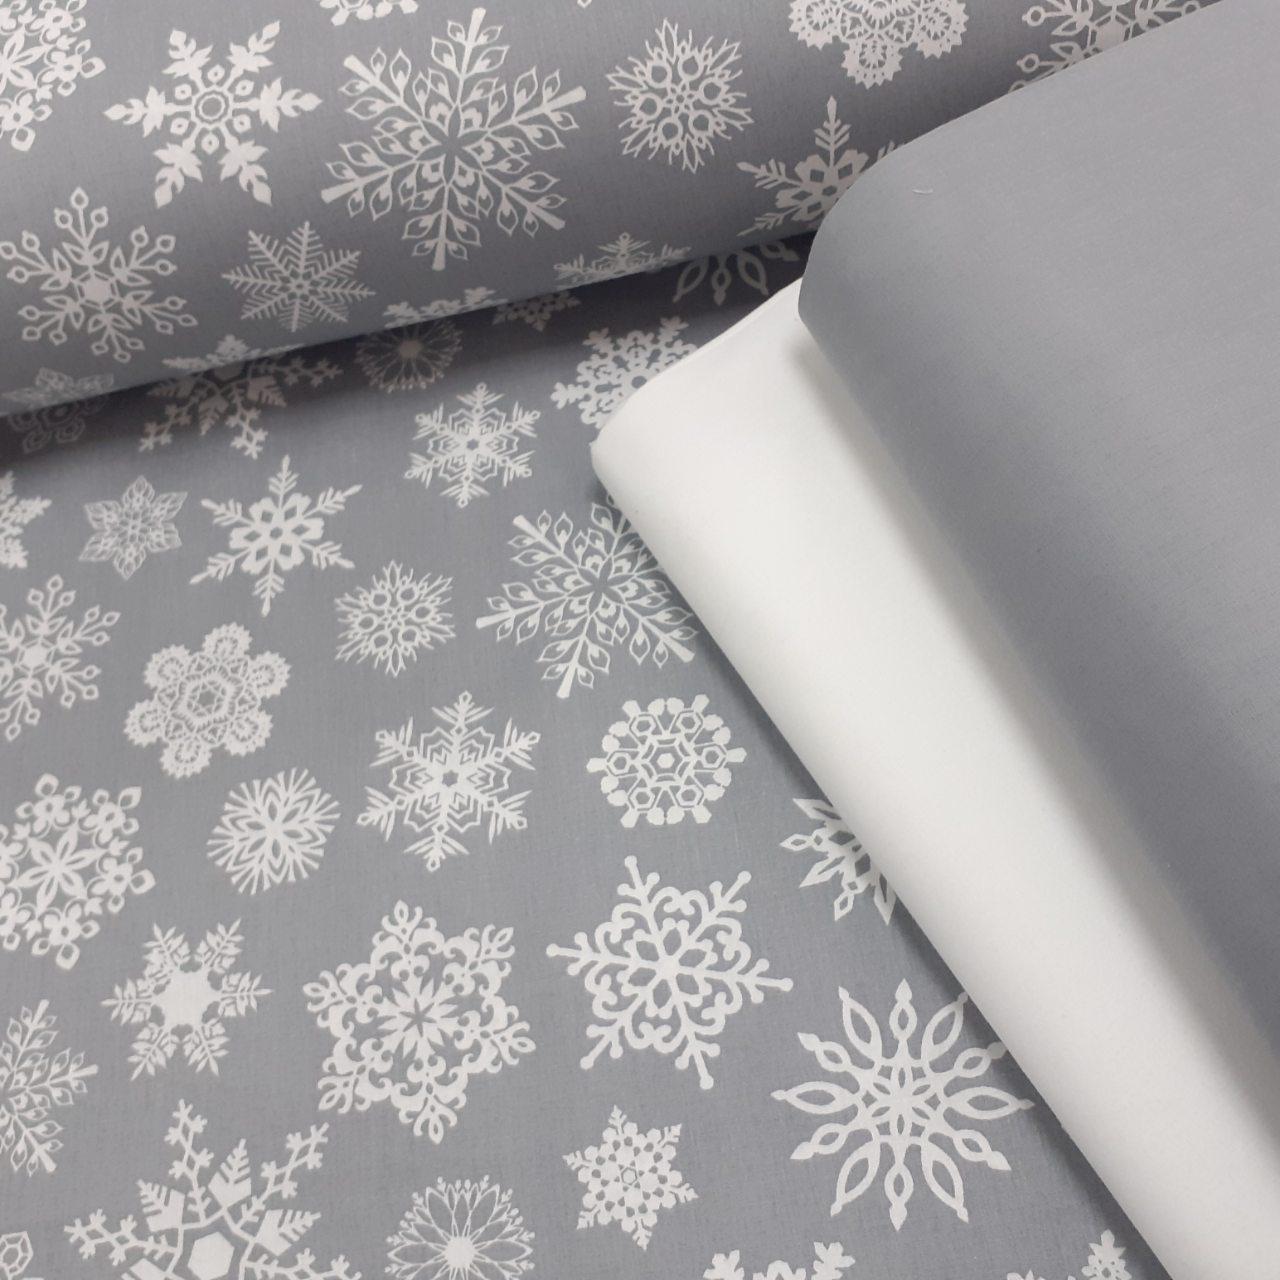 Хлопковая ткань (ТУРЦИЯ шир. 2,4 м) белые снежинки на сером